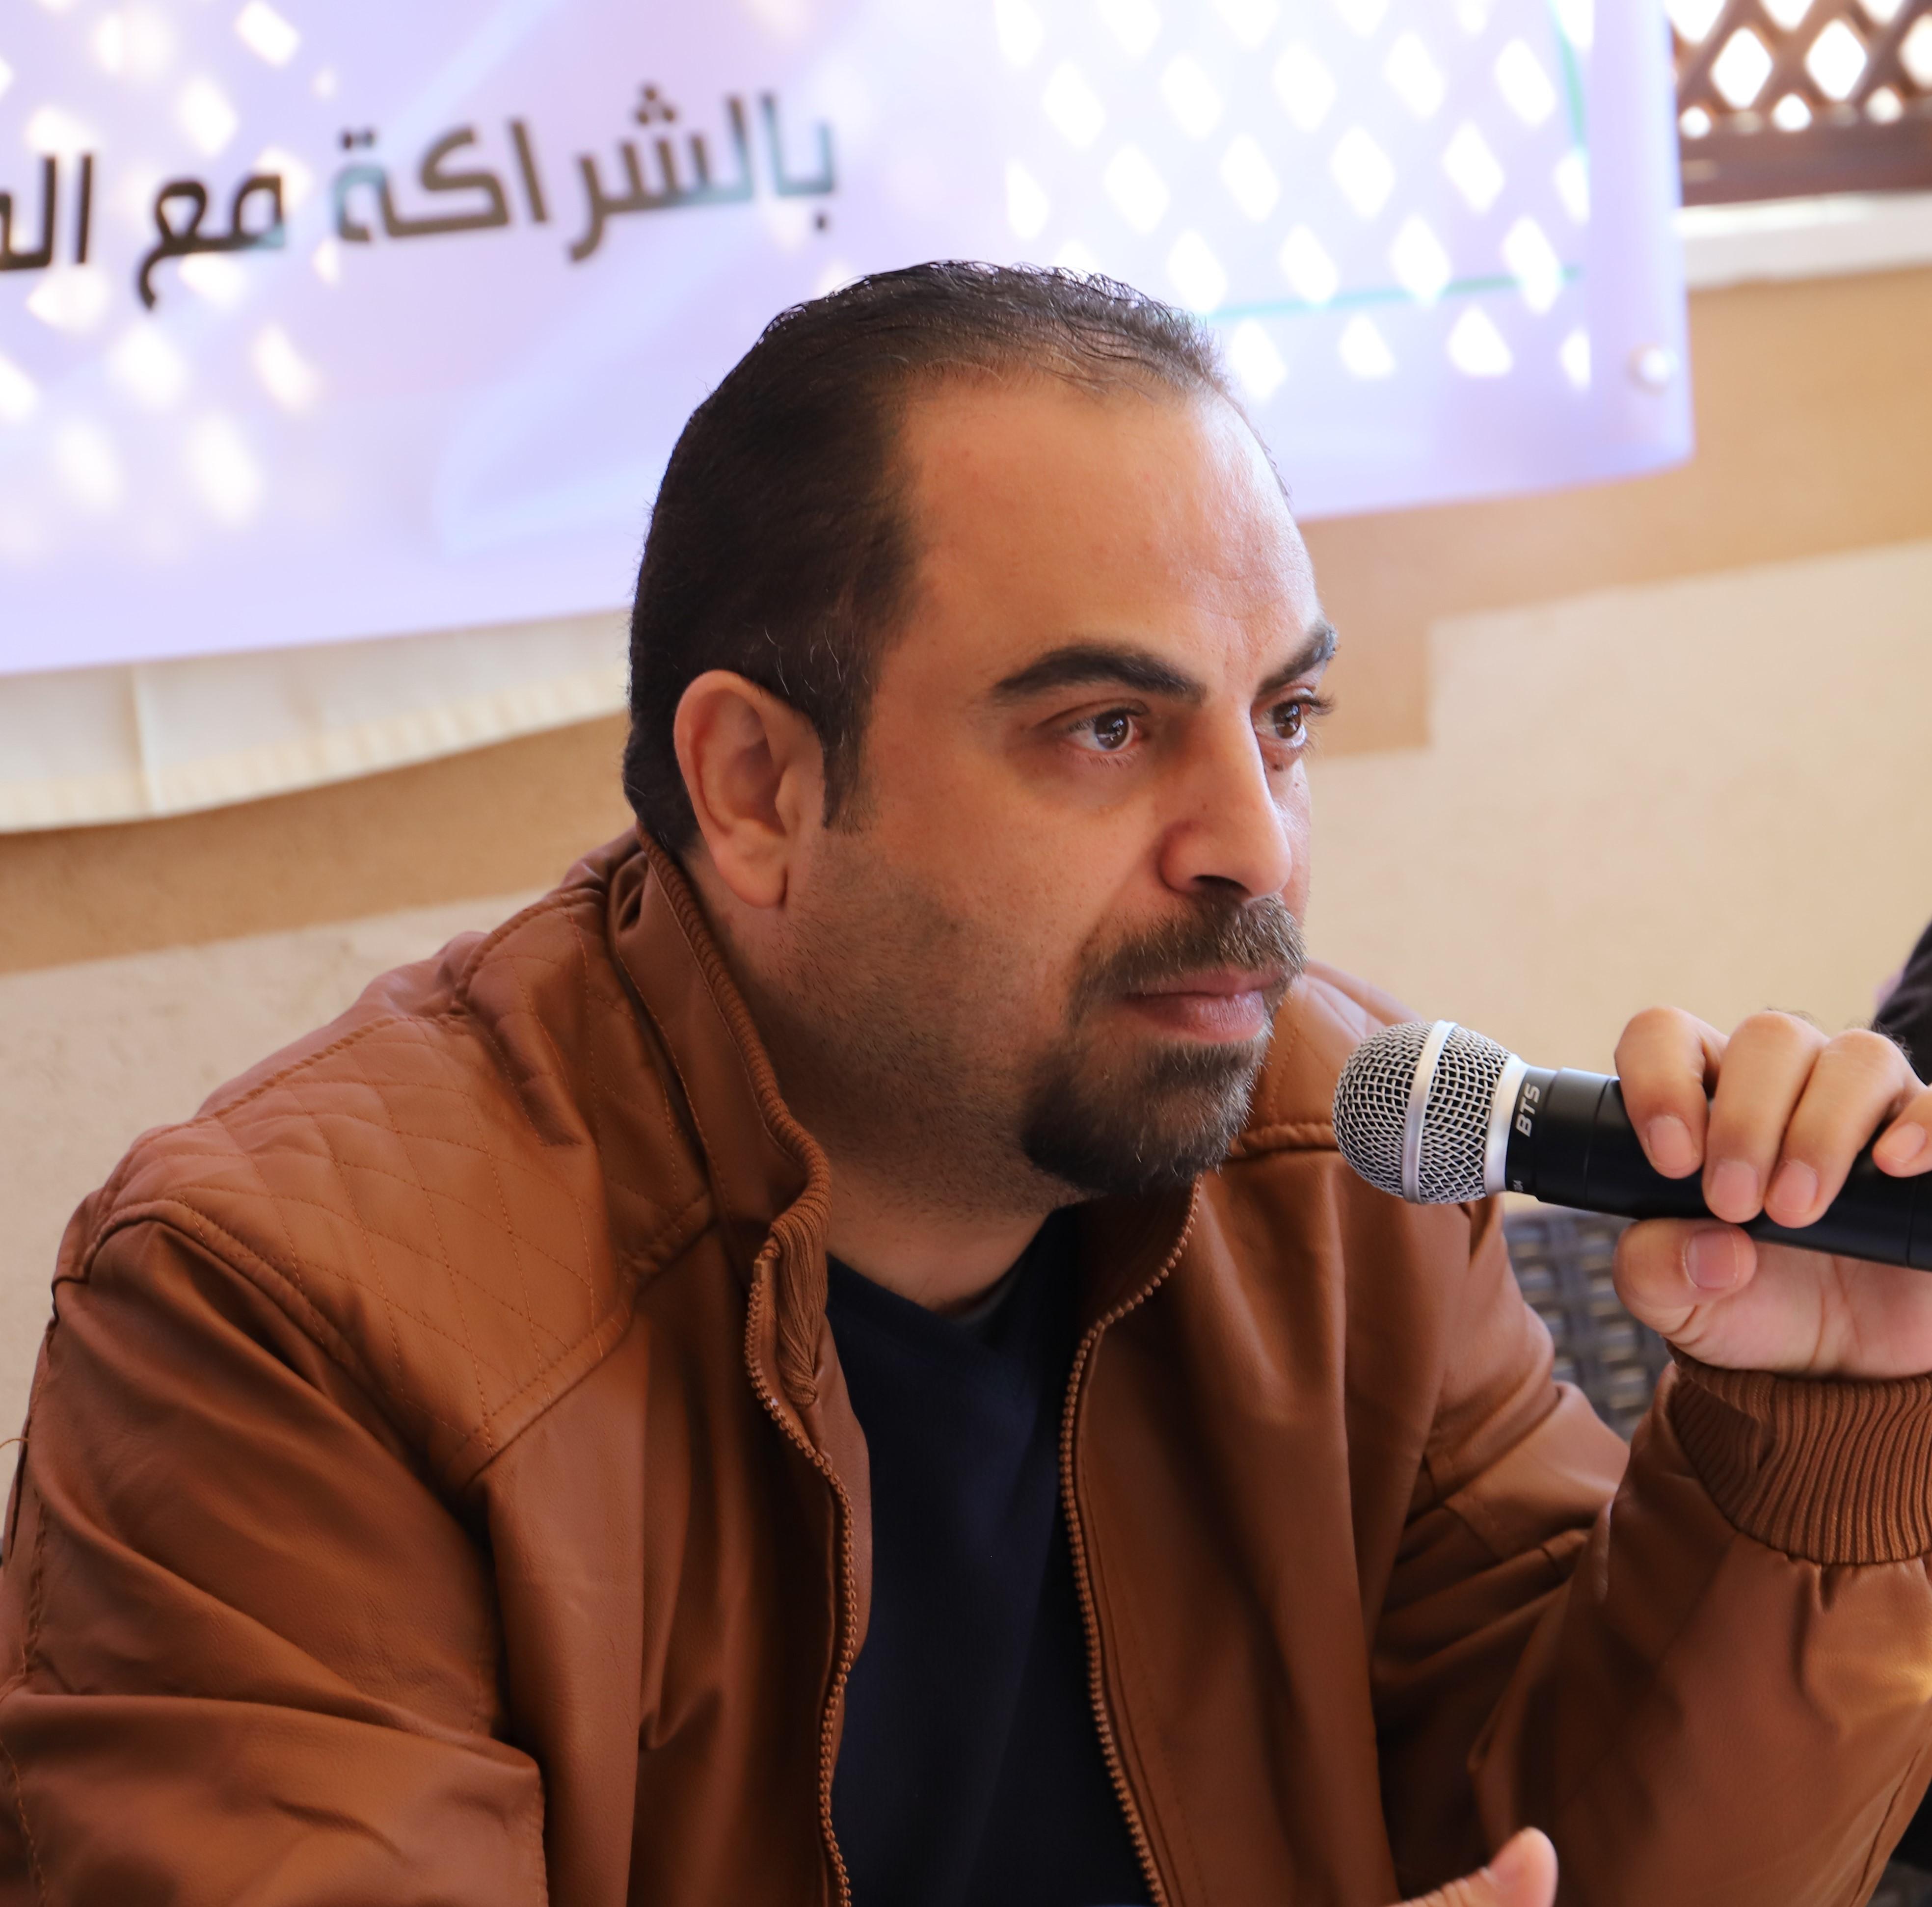 ورقة عمل بعنوان / دور المرأة الفلسطينية في المشاركة السياسية